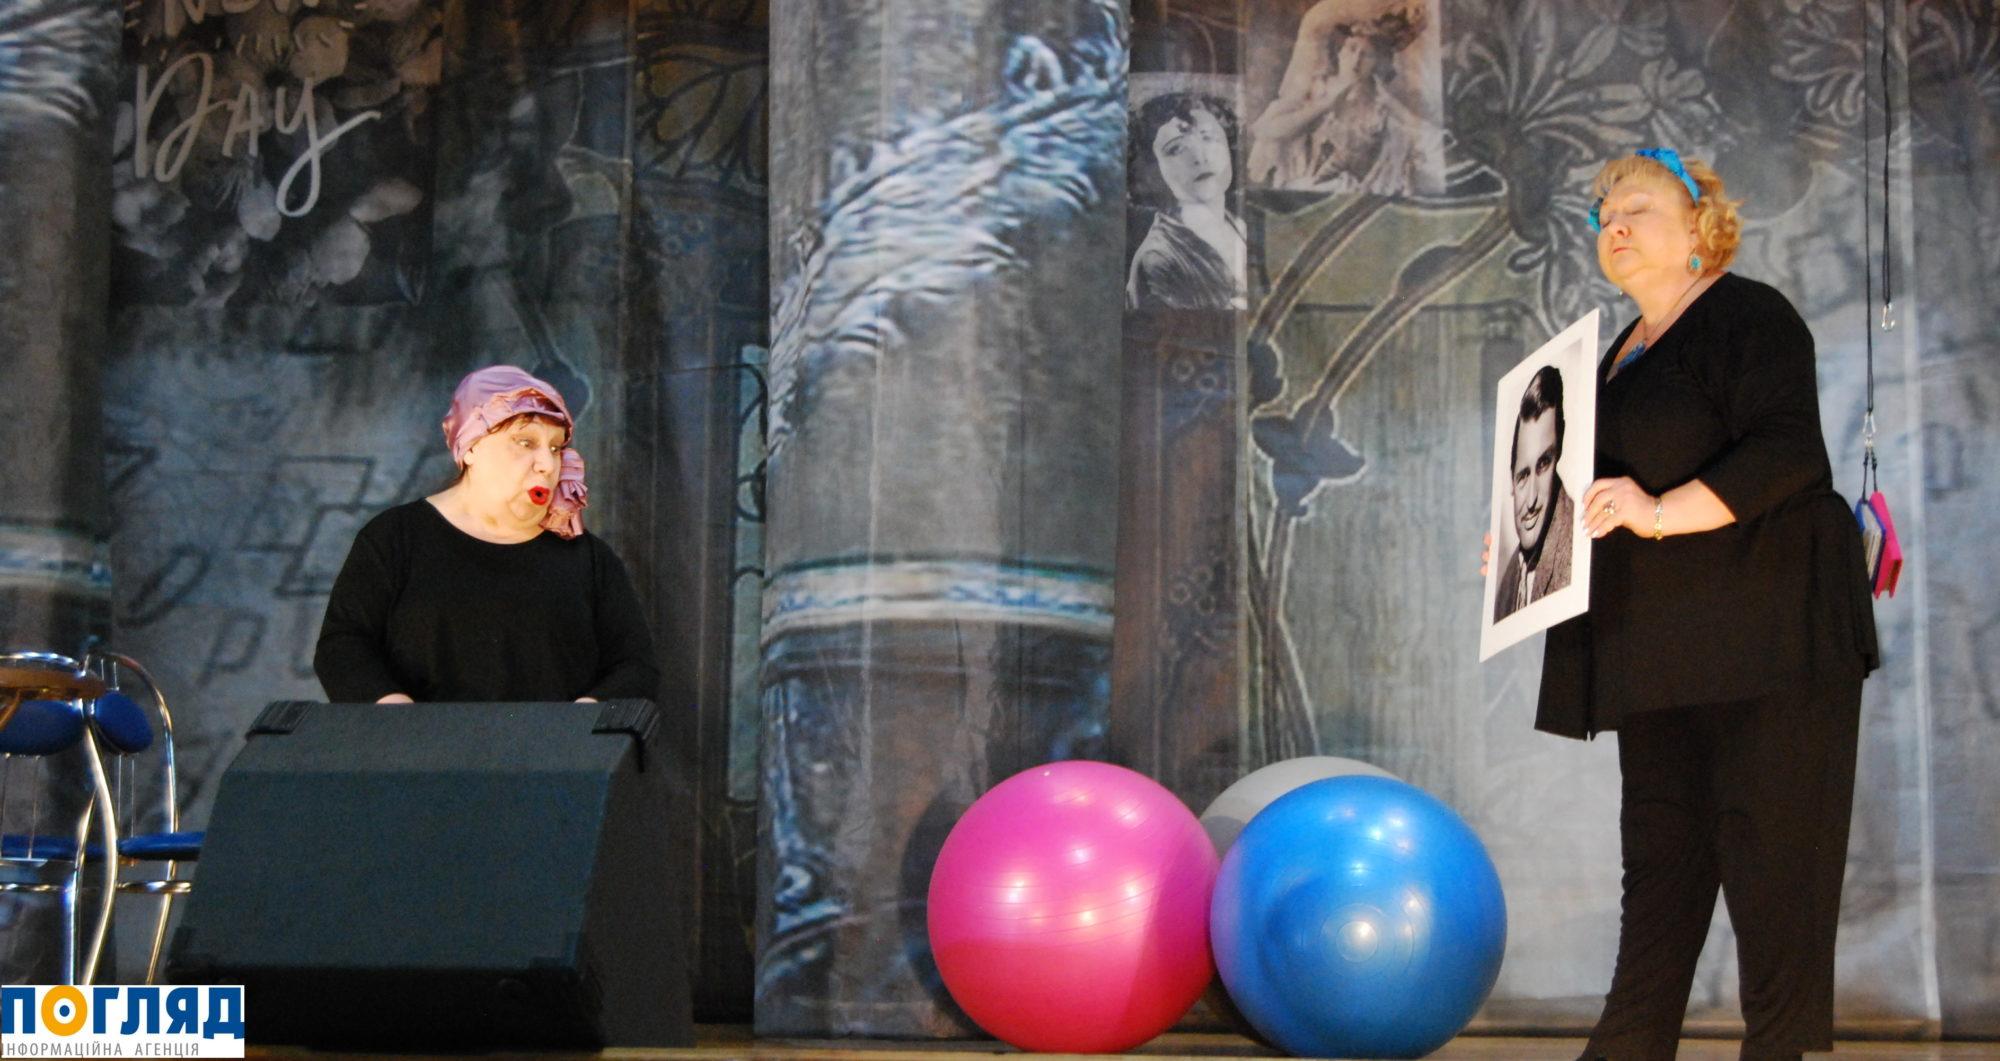 Допрем'єрний показ вистави за участі зірок театру і кіно вперше у Василькові -  - 000DSC 3665 2000x1061